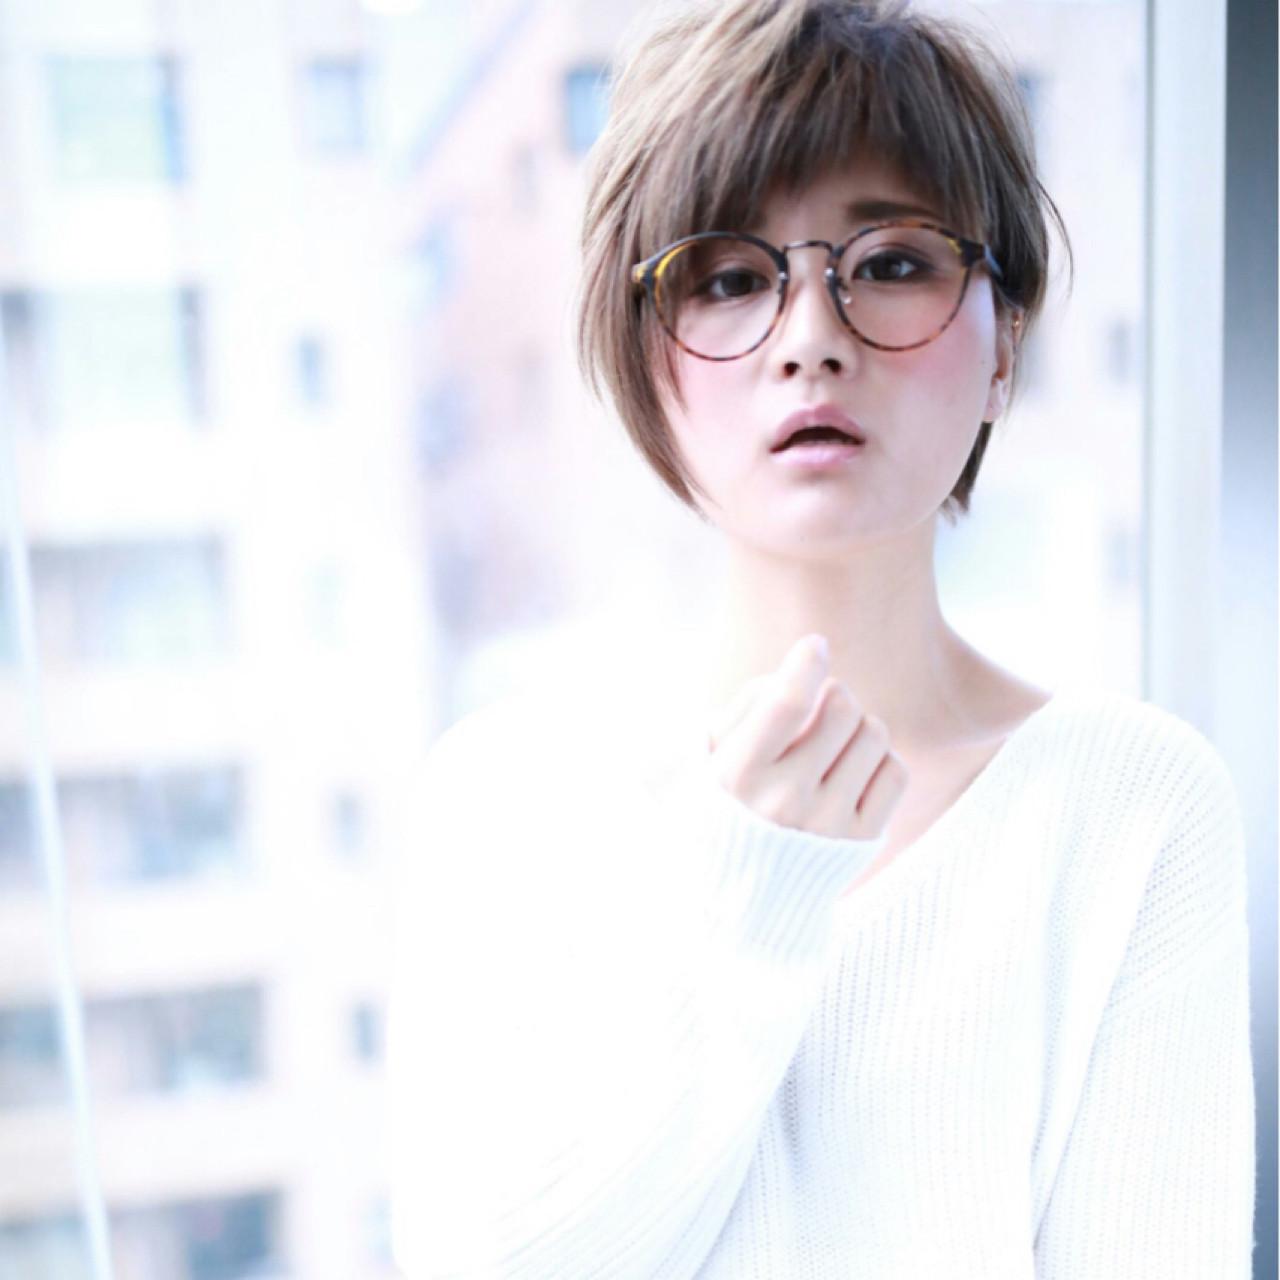 髪型を変えれば、あなたはもっと魅力的になれる。40代におすすめのヘアスタイル 田中 雄介 Cloud zero 池袋